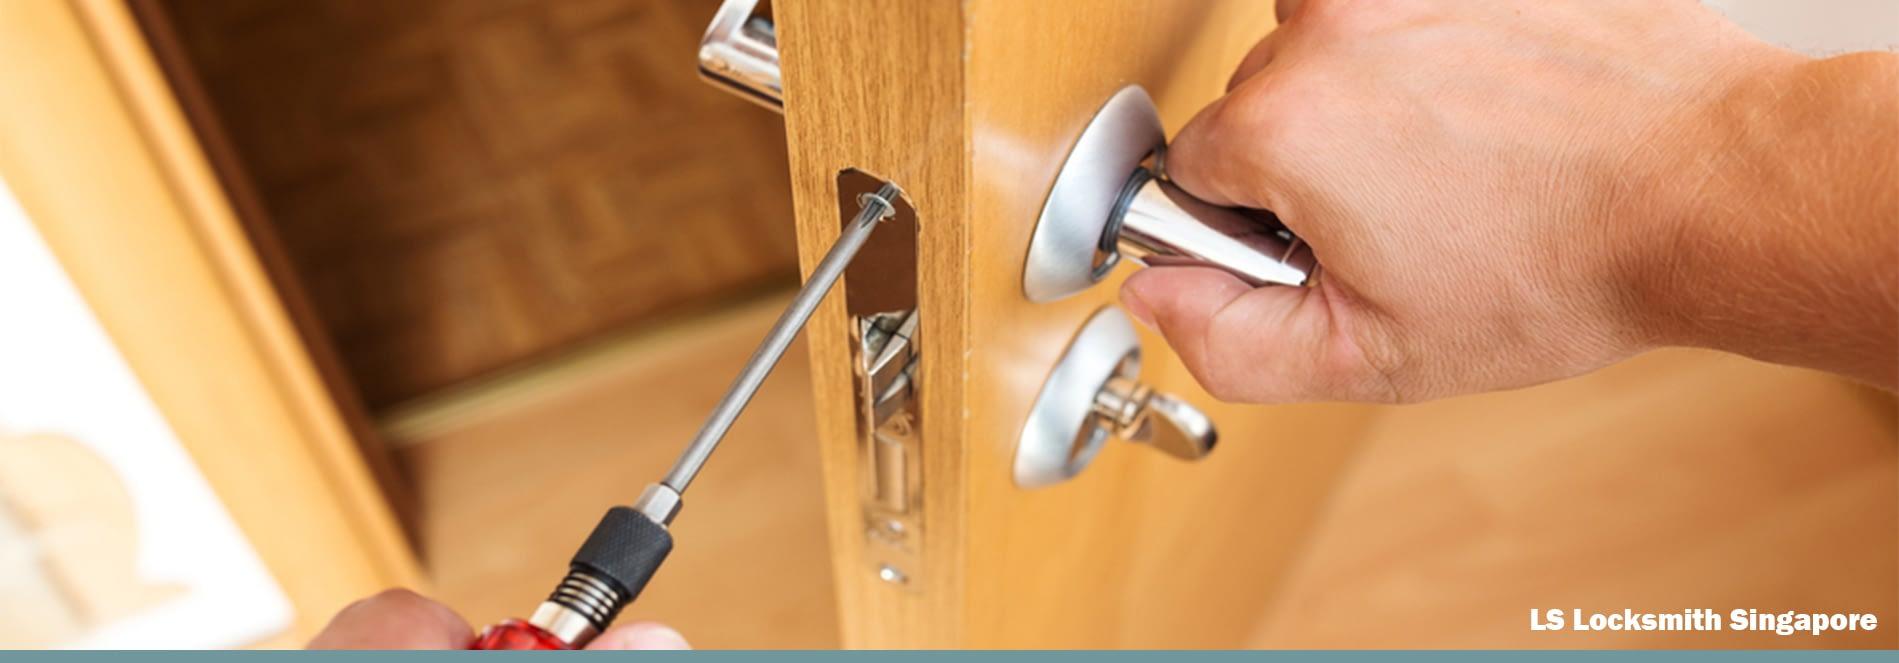 HDB Toilet Door Lock Replacement